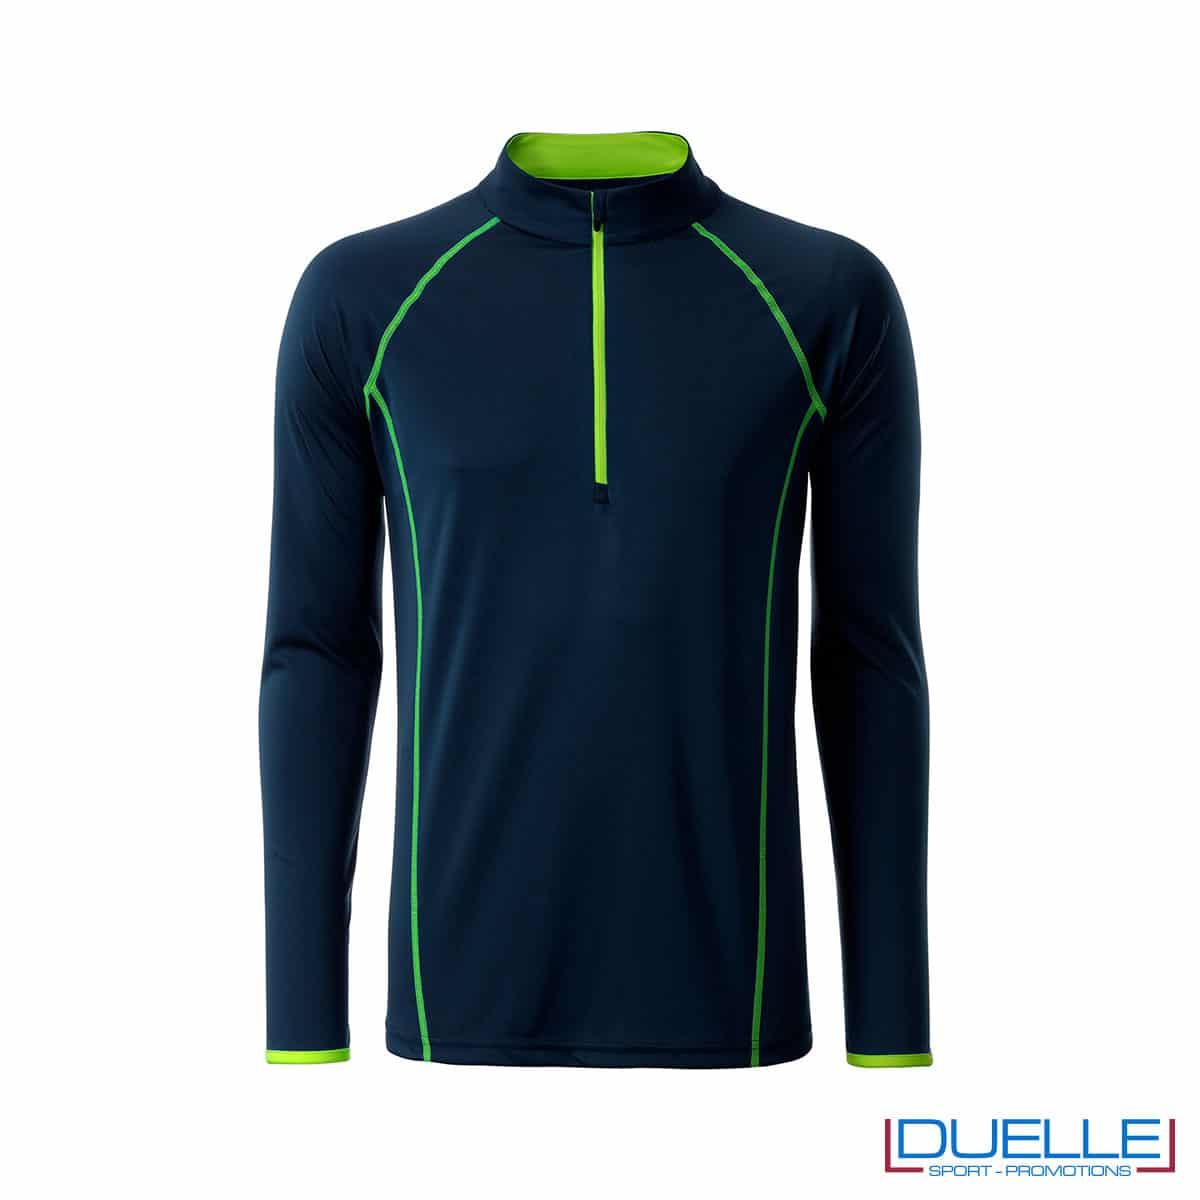 T-shirt manica lunga con zip colore blu navy personalizzata